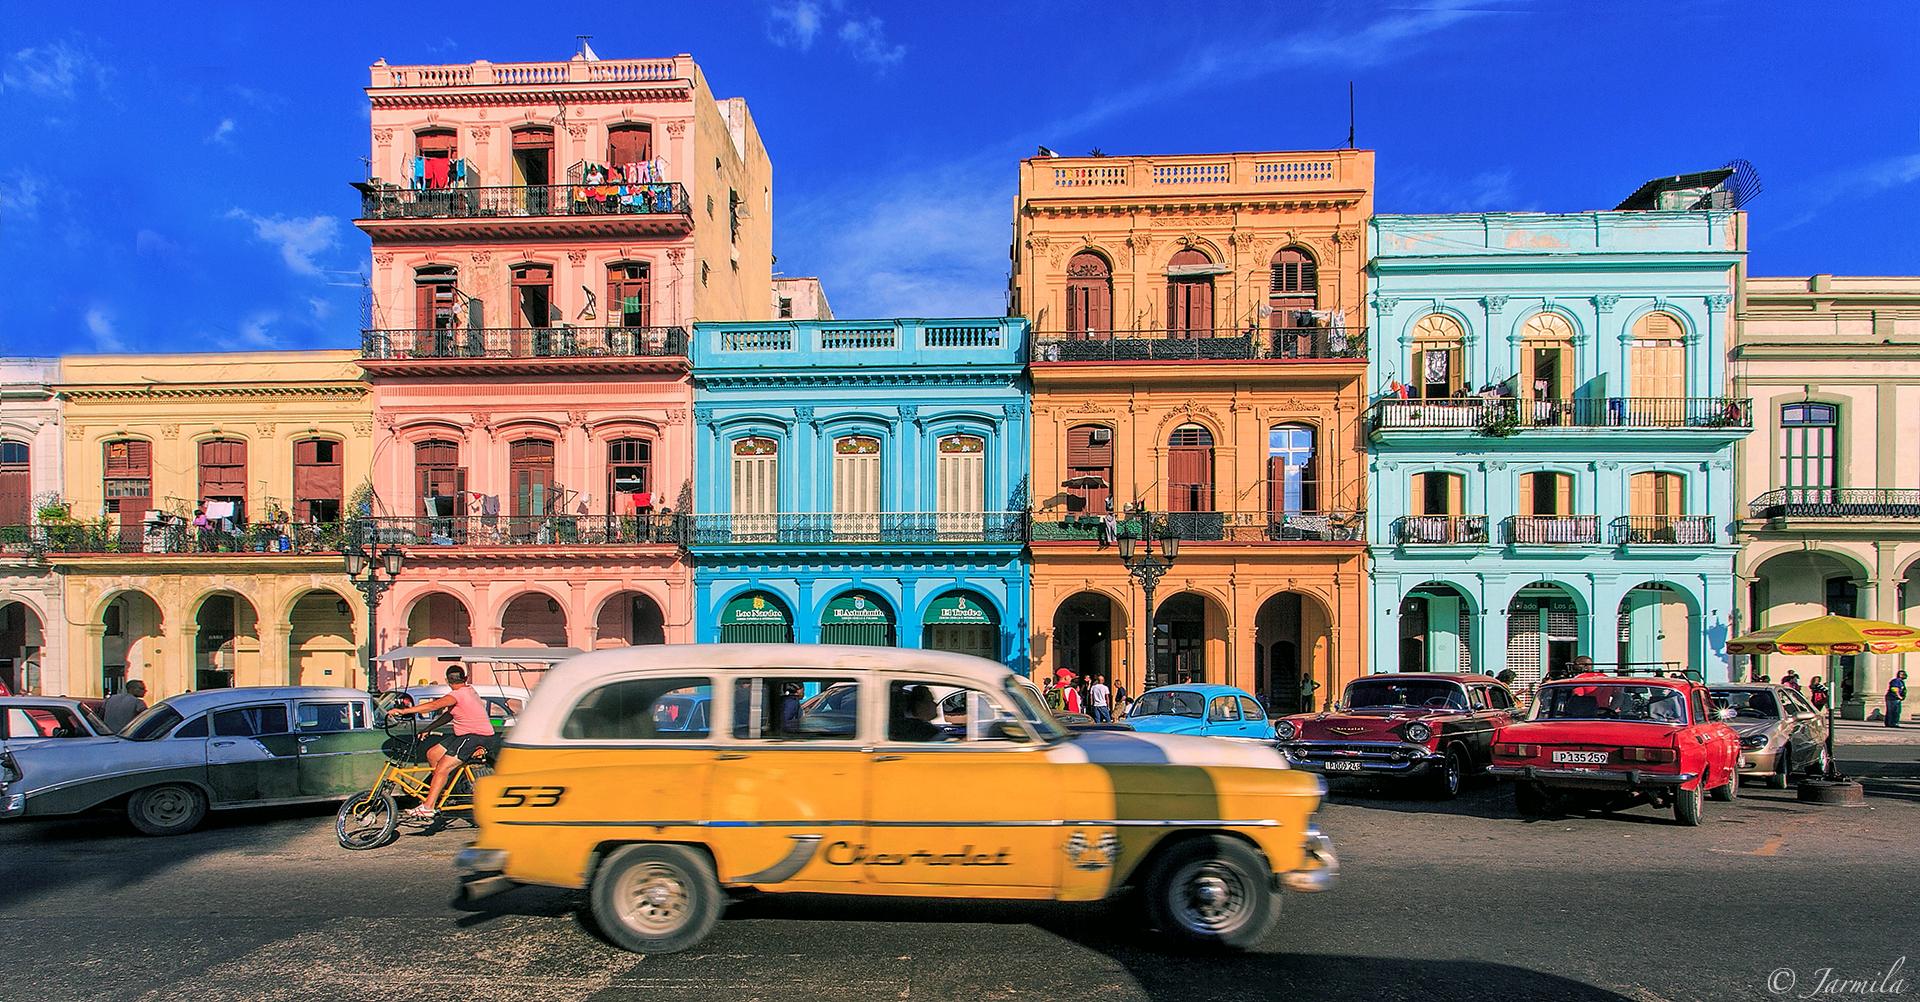 Havana, an outdoor museum...